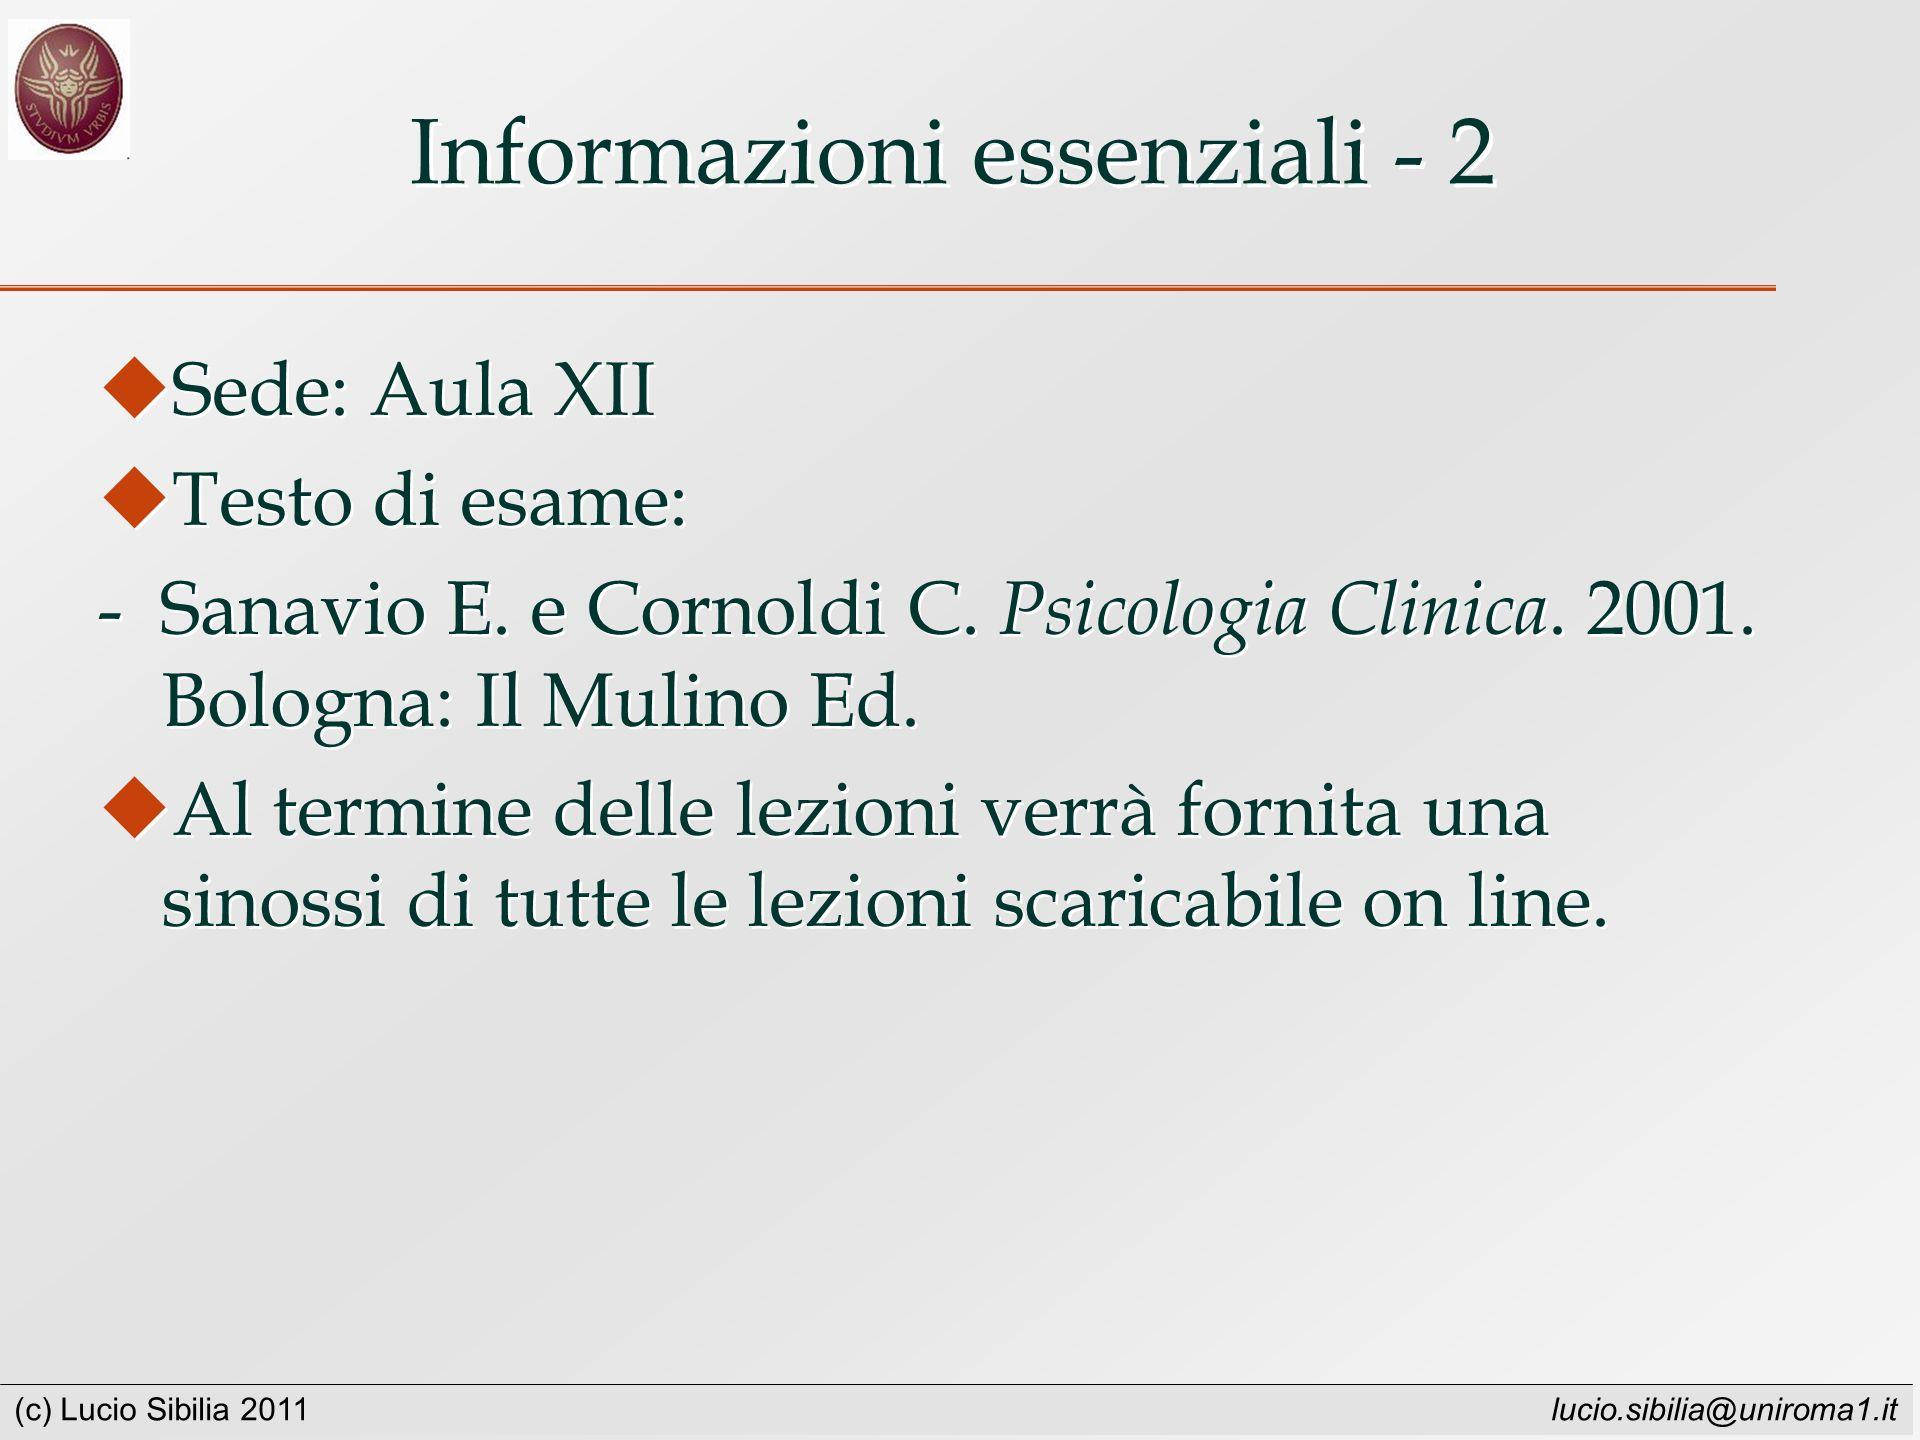 (c) Lucio Sibilia 2011 lucio.sibilia@uniroma1.it Informazioni essenziali - 2 Sede: Aula XII Testo di esame: - Sanavio E.